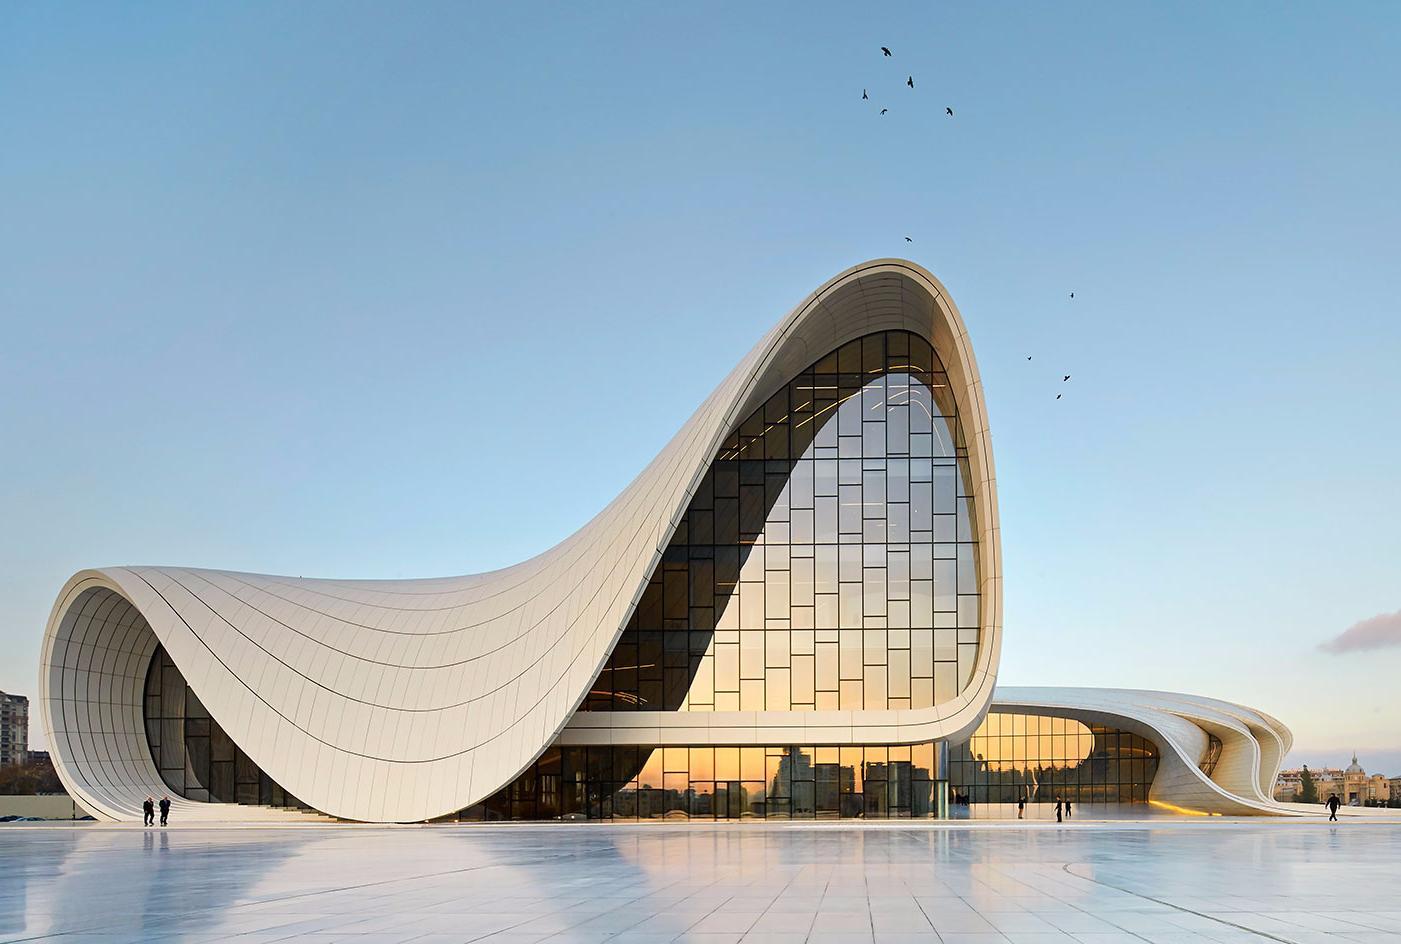 - Architektonische meisterwerke ...